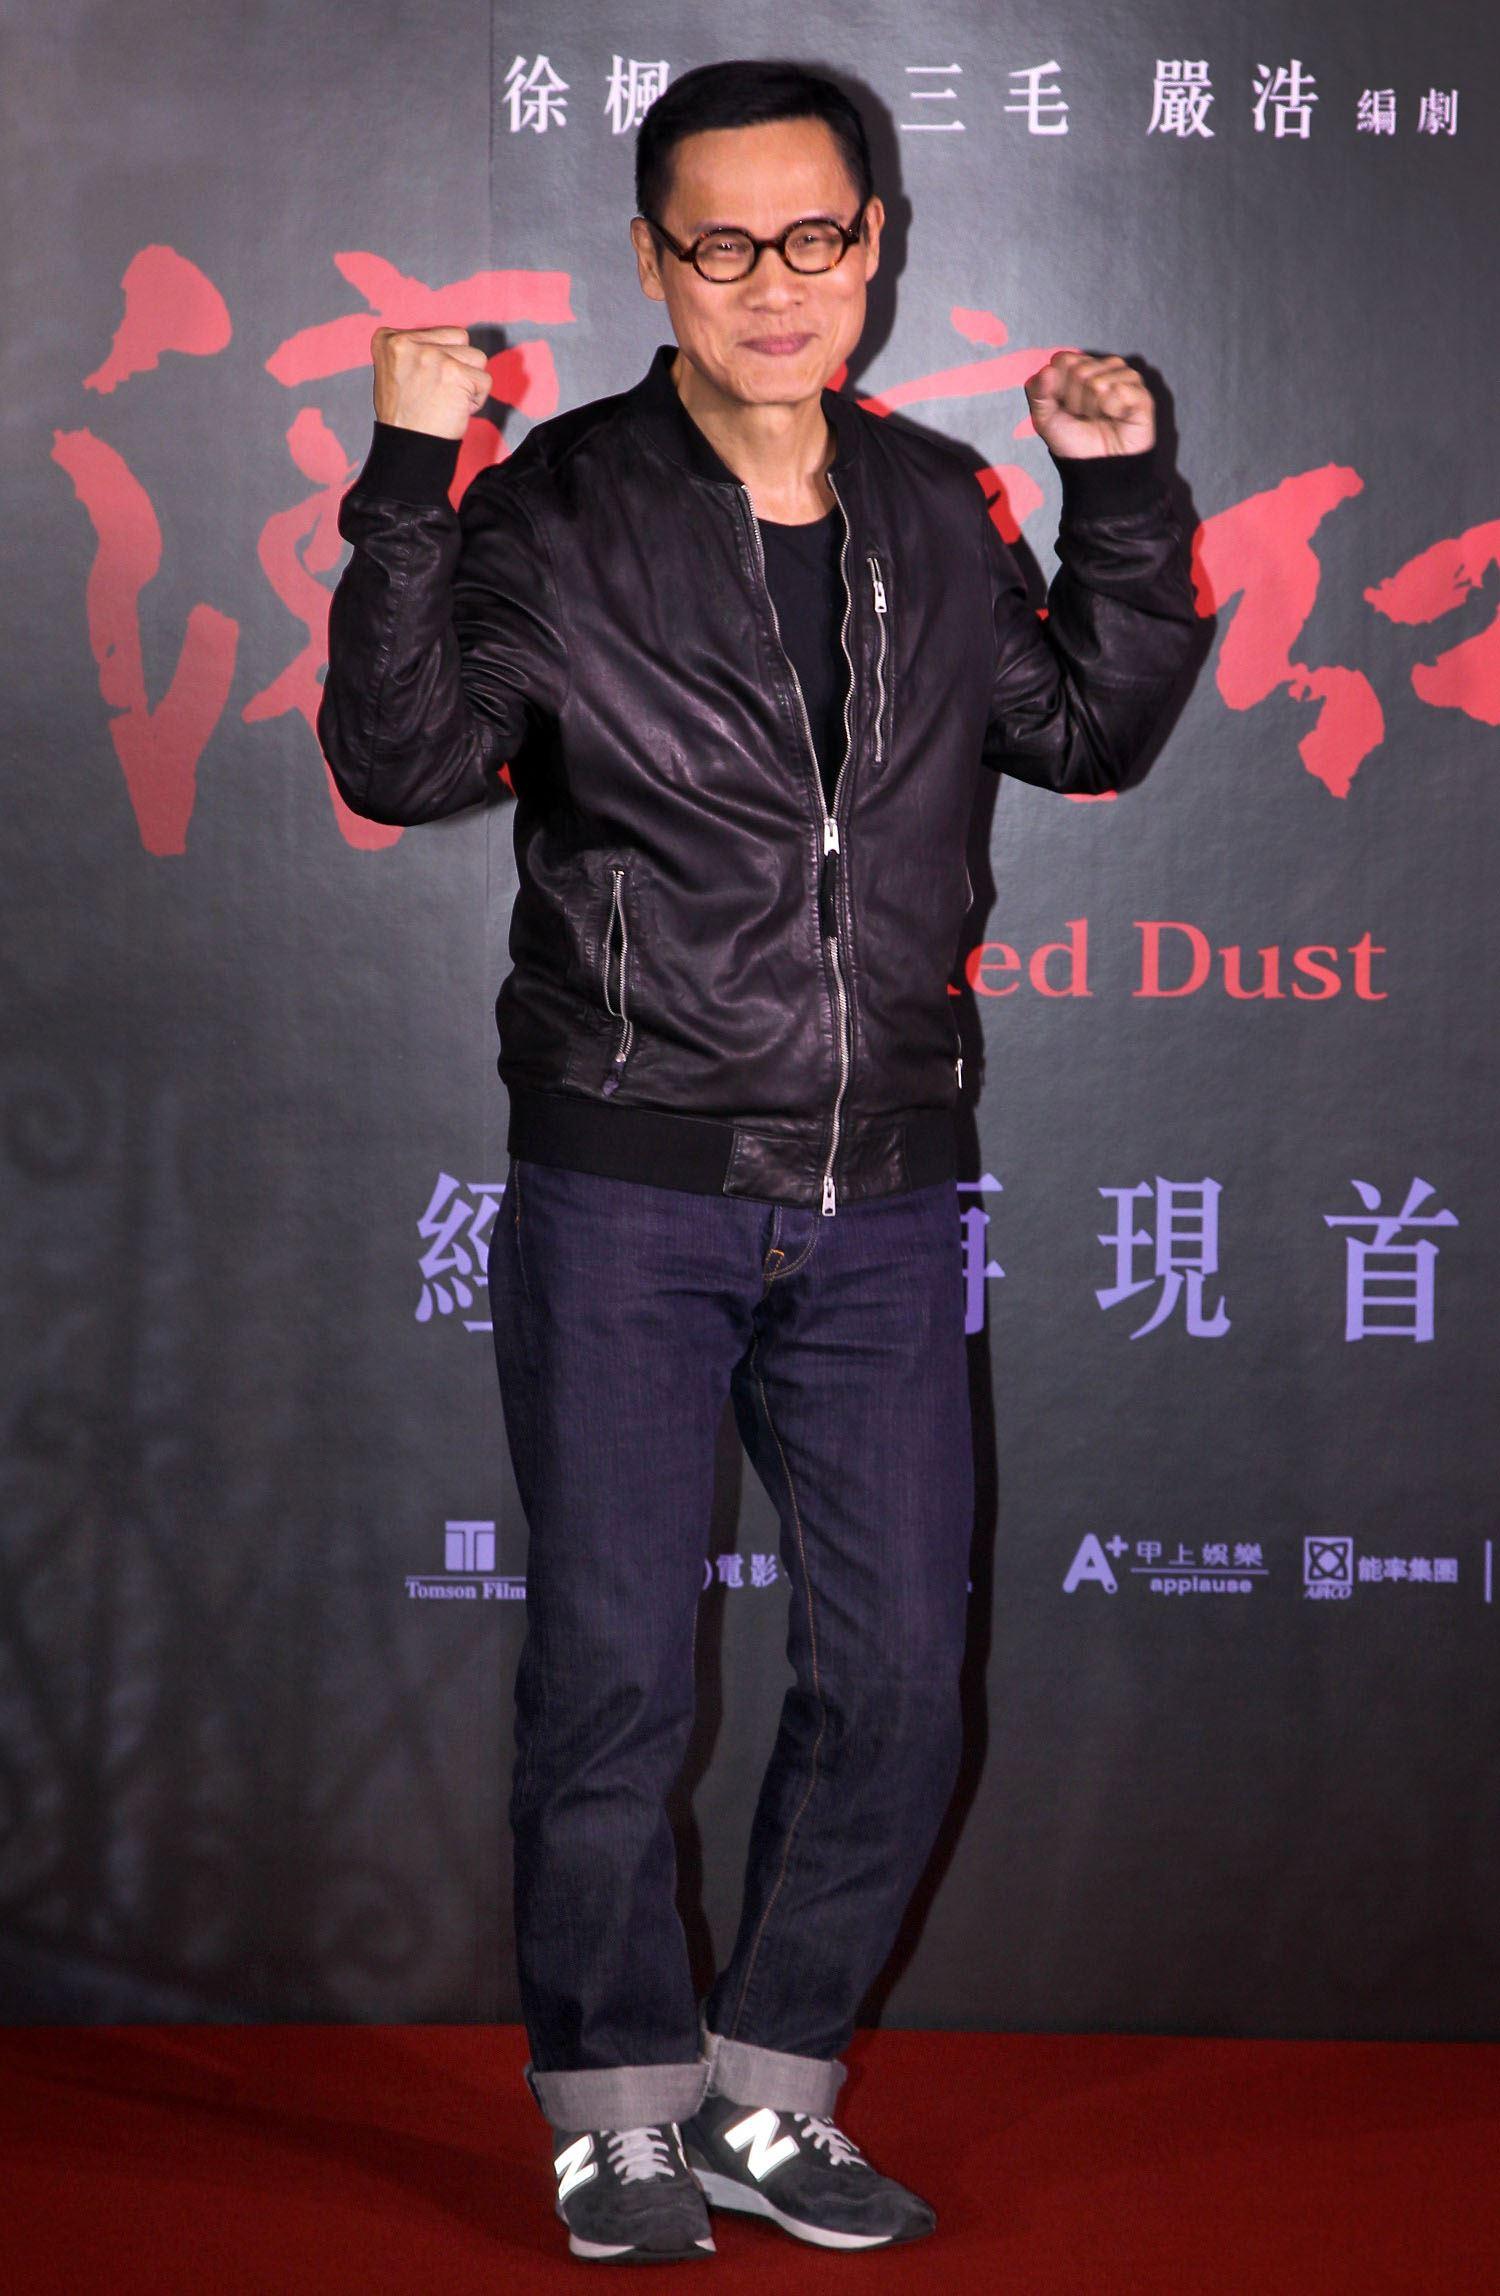 羅大佑出席「紅塵滾滾」數位修復版首映會。(記者邱榮吉/攝影)